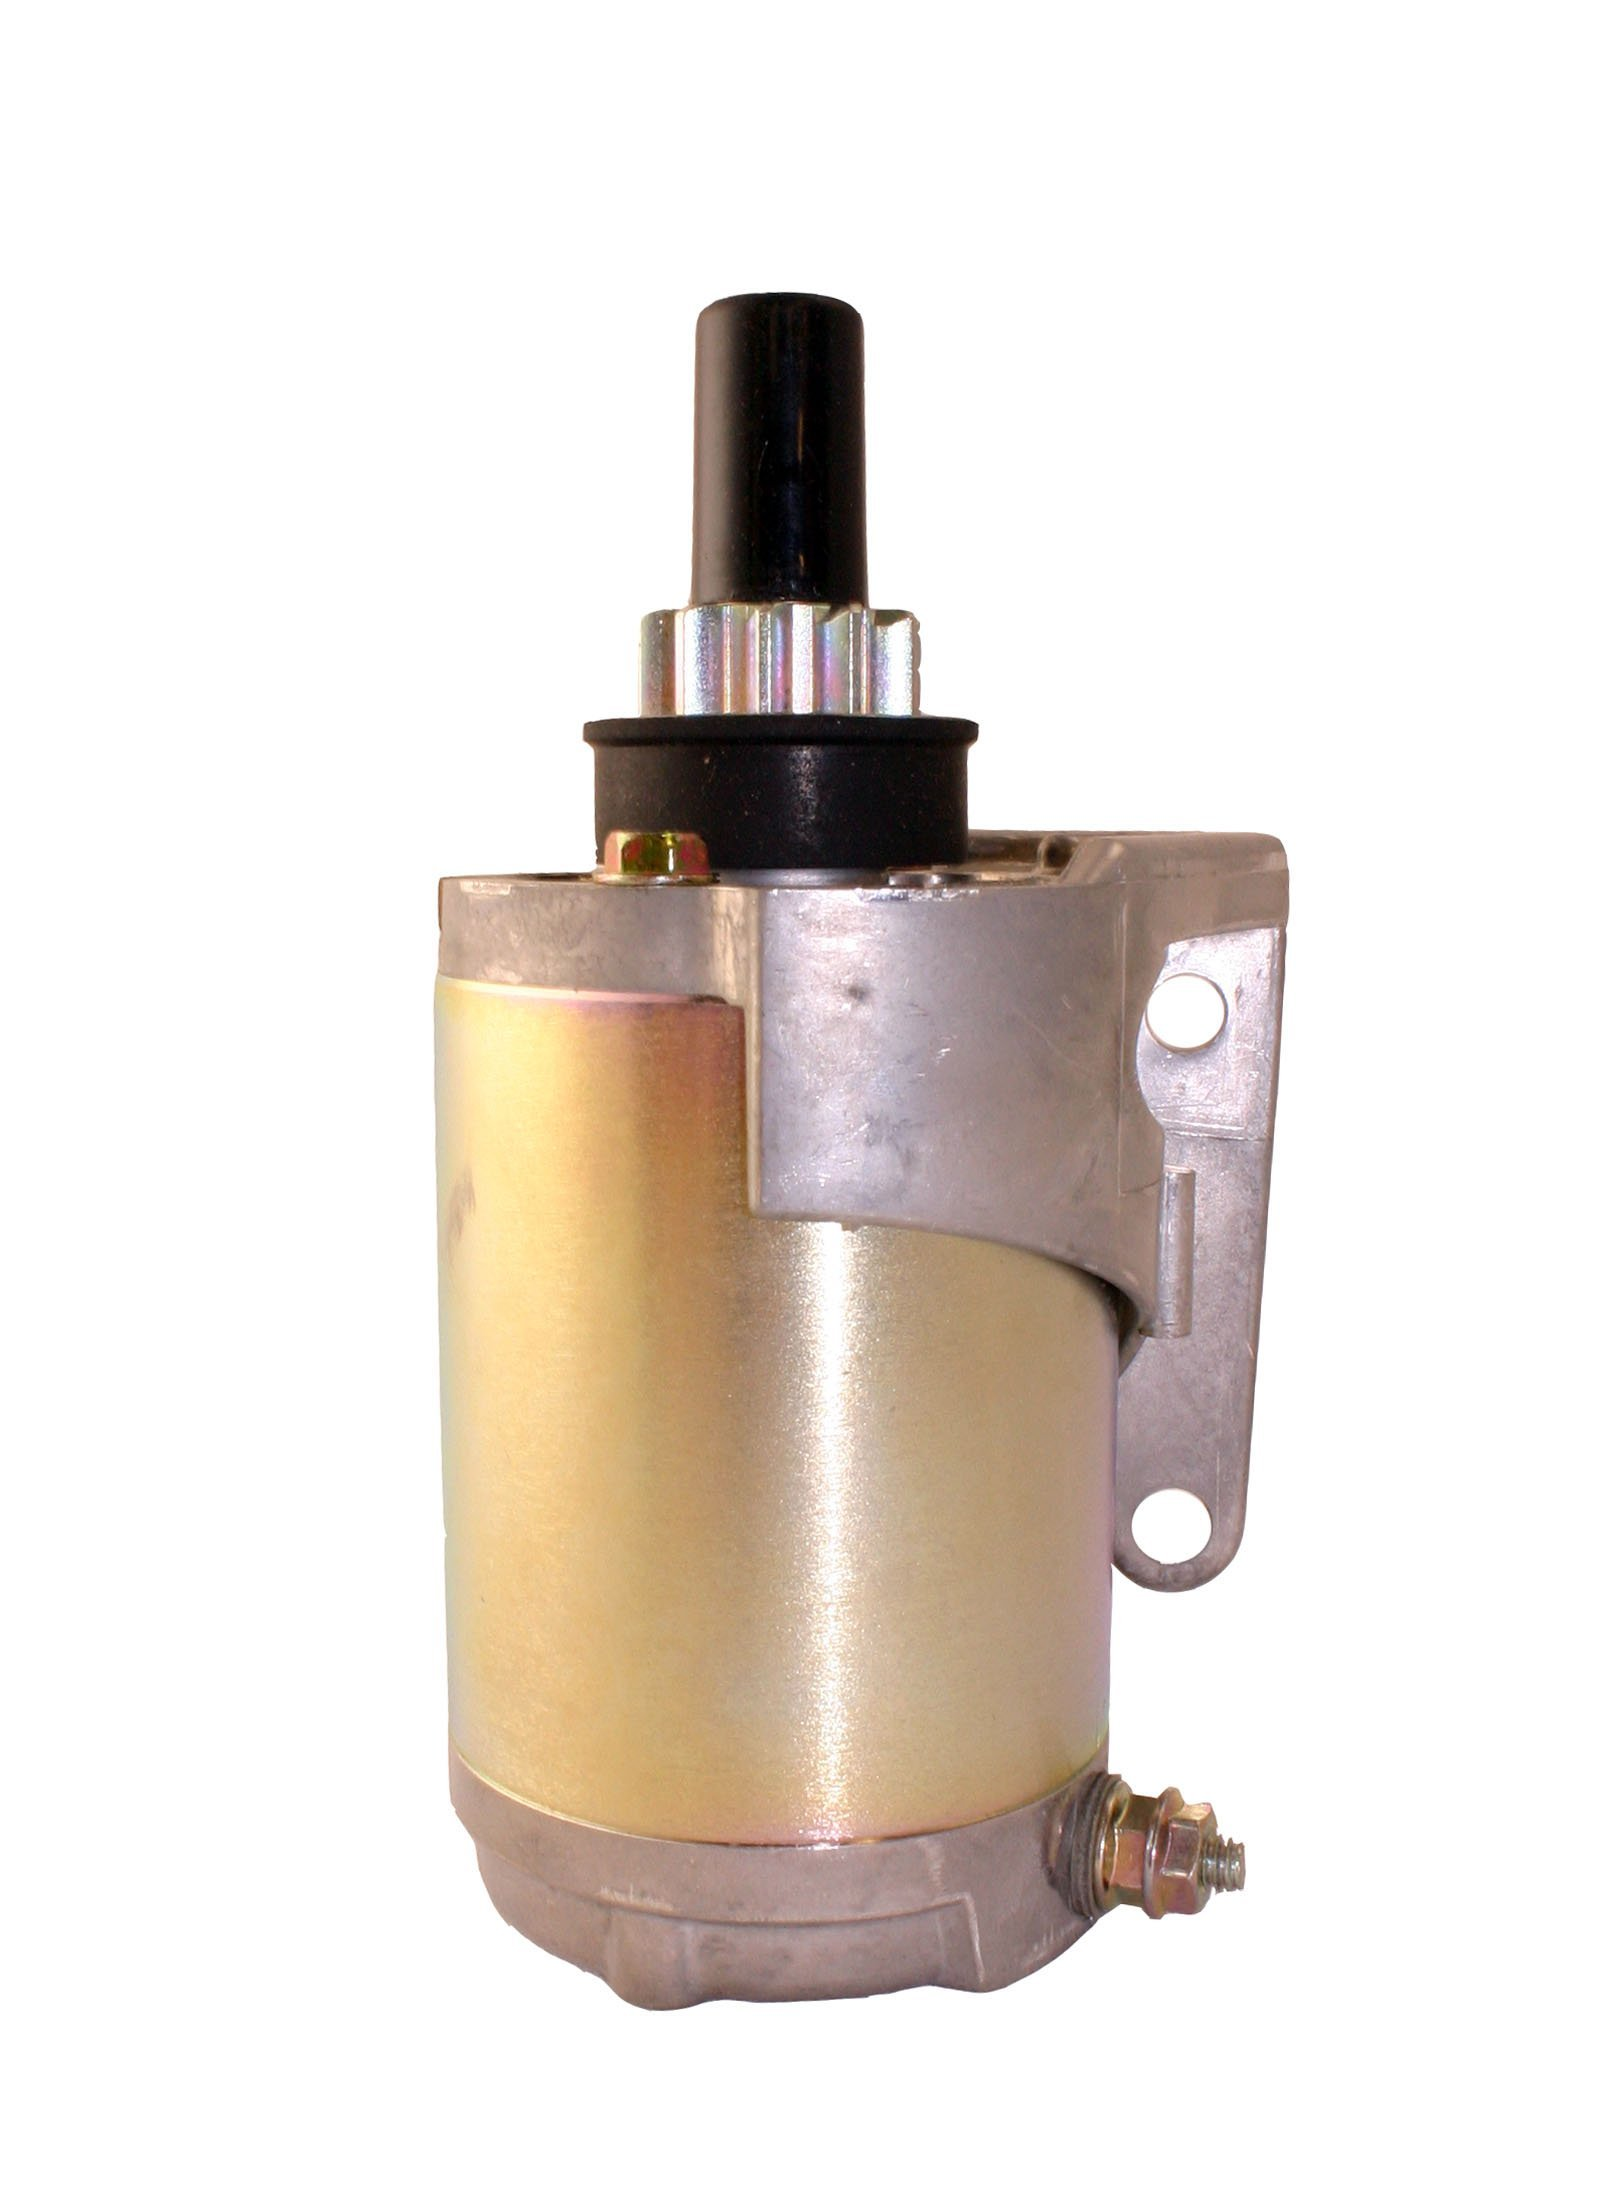 KOHLER 45 098 09-S Engine Starter For K-Series High Mount Style by Kohler